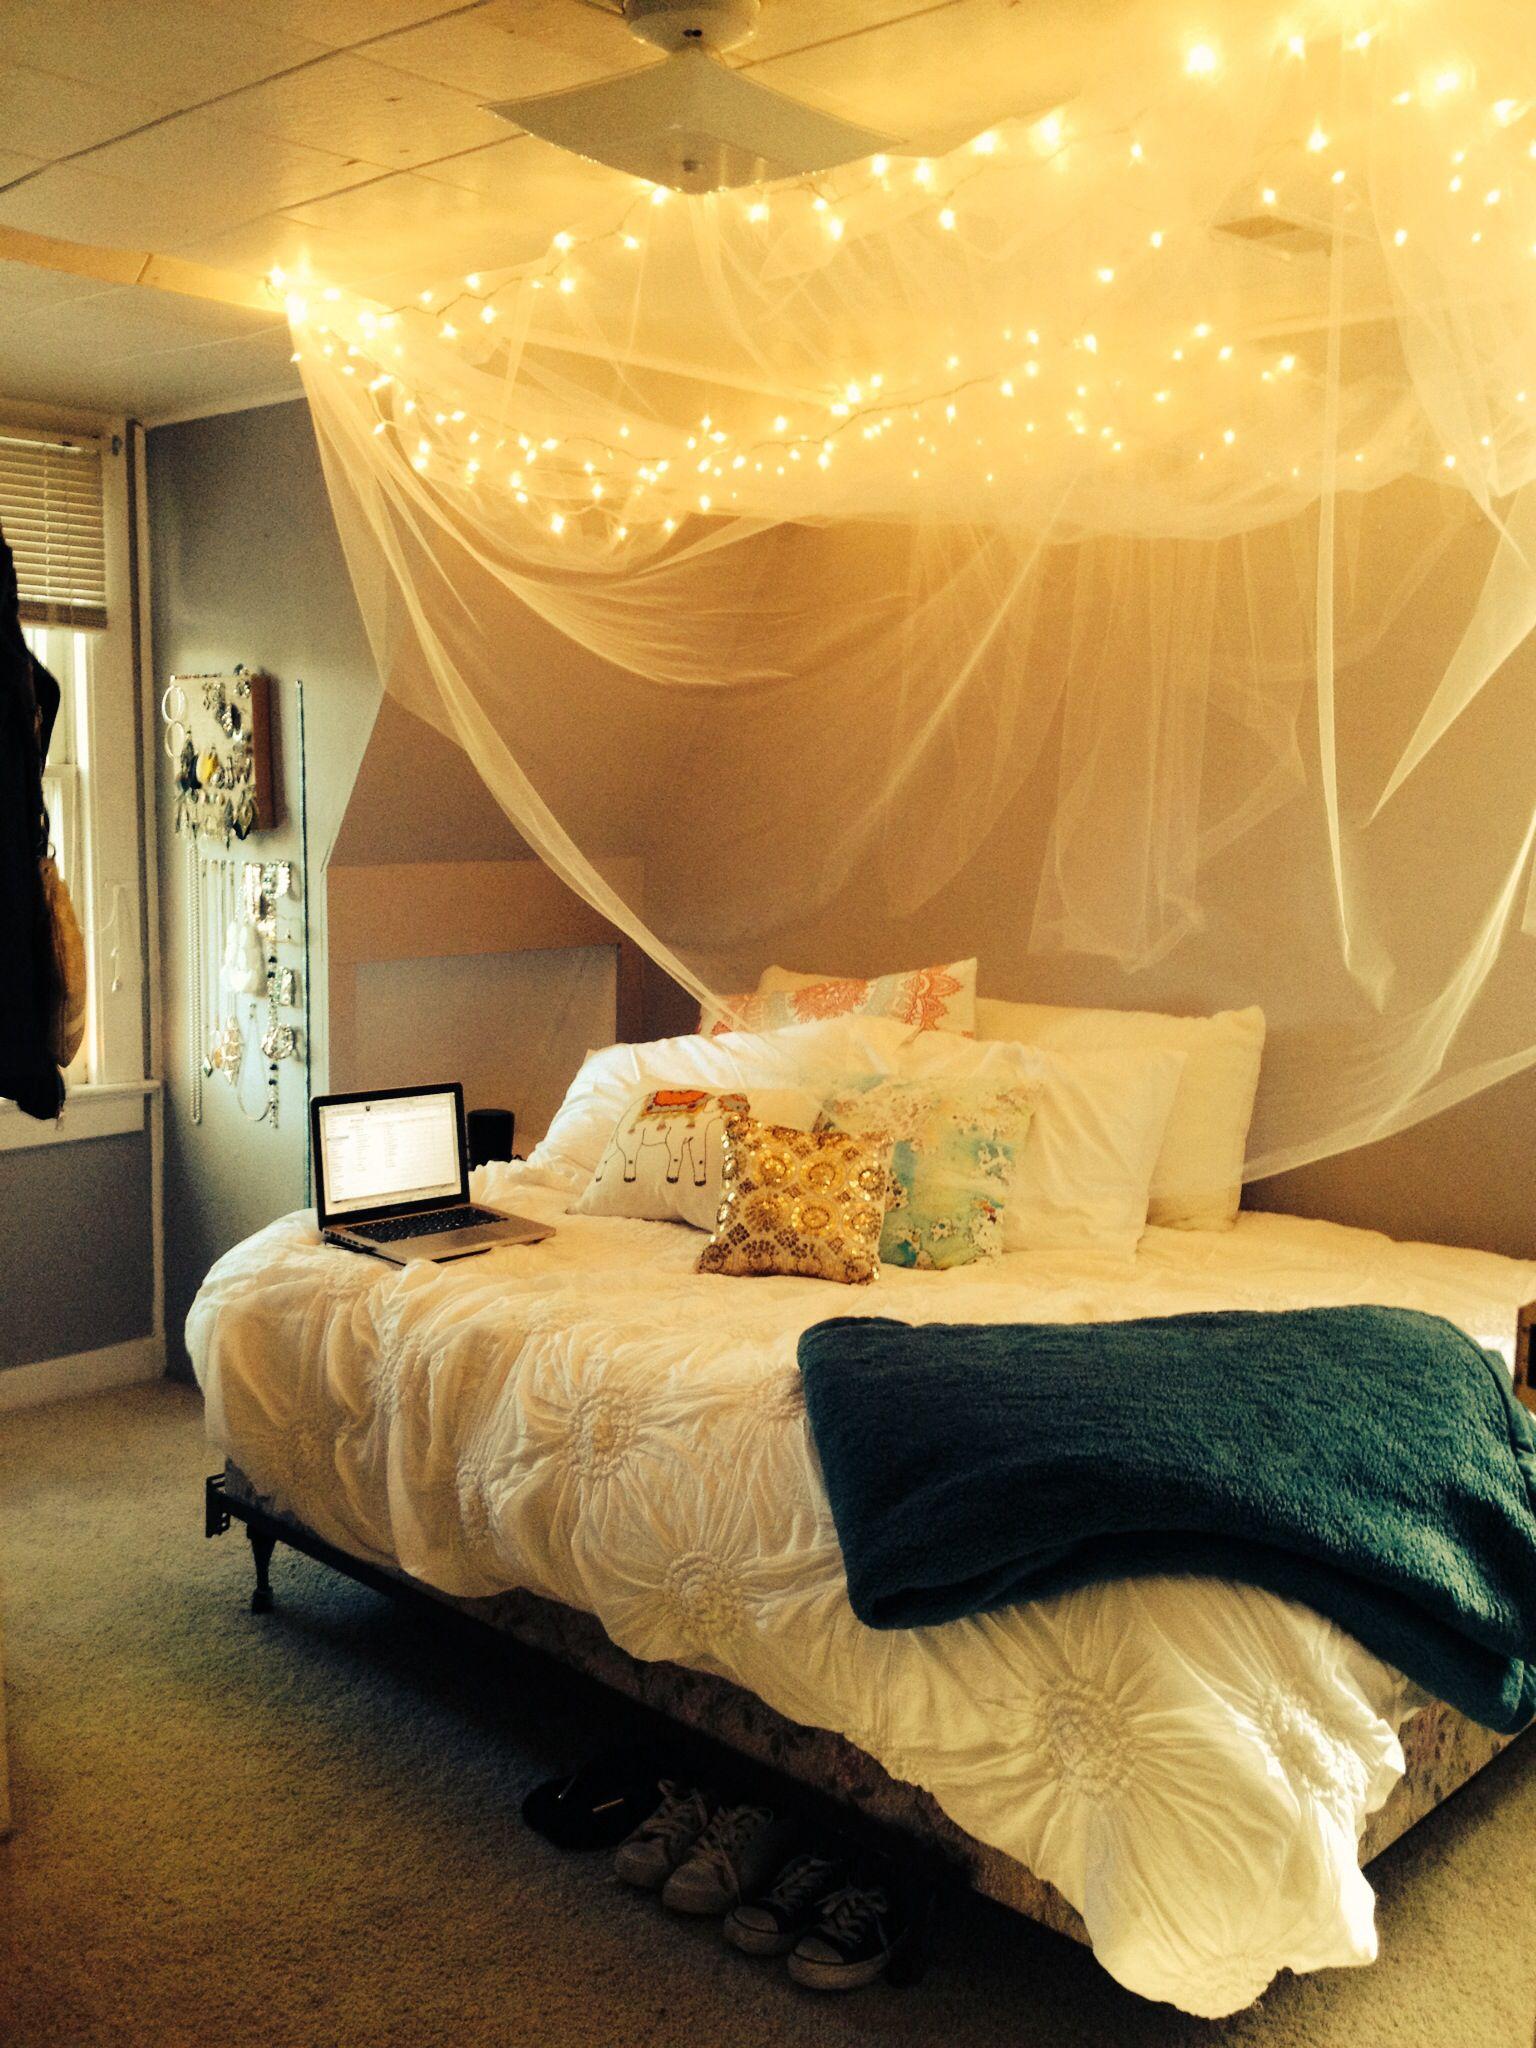 Diy Rustic Bed Canopy